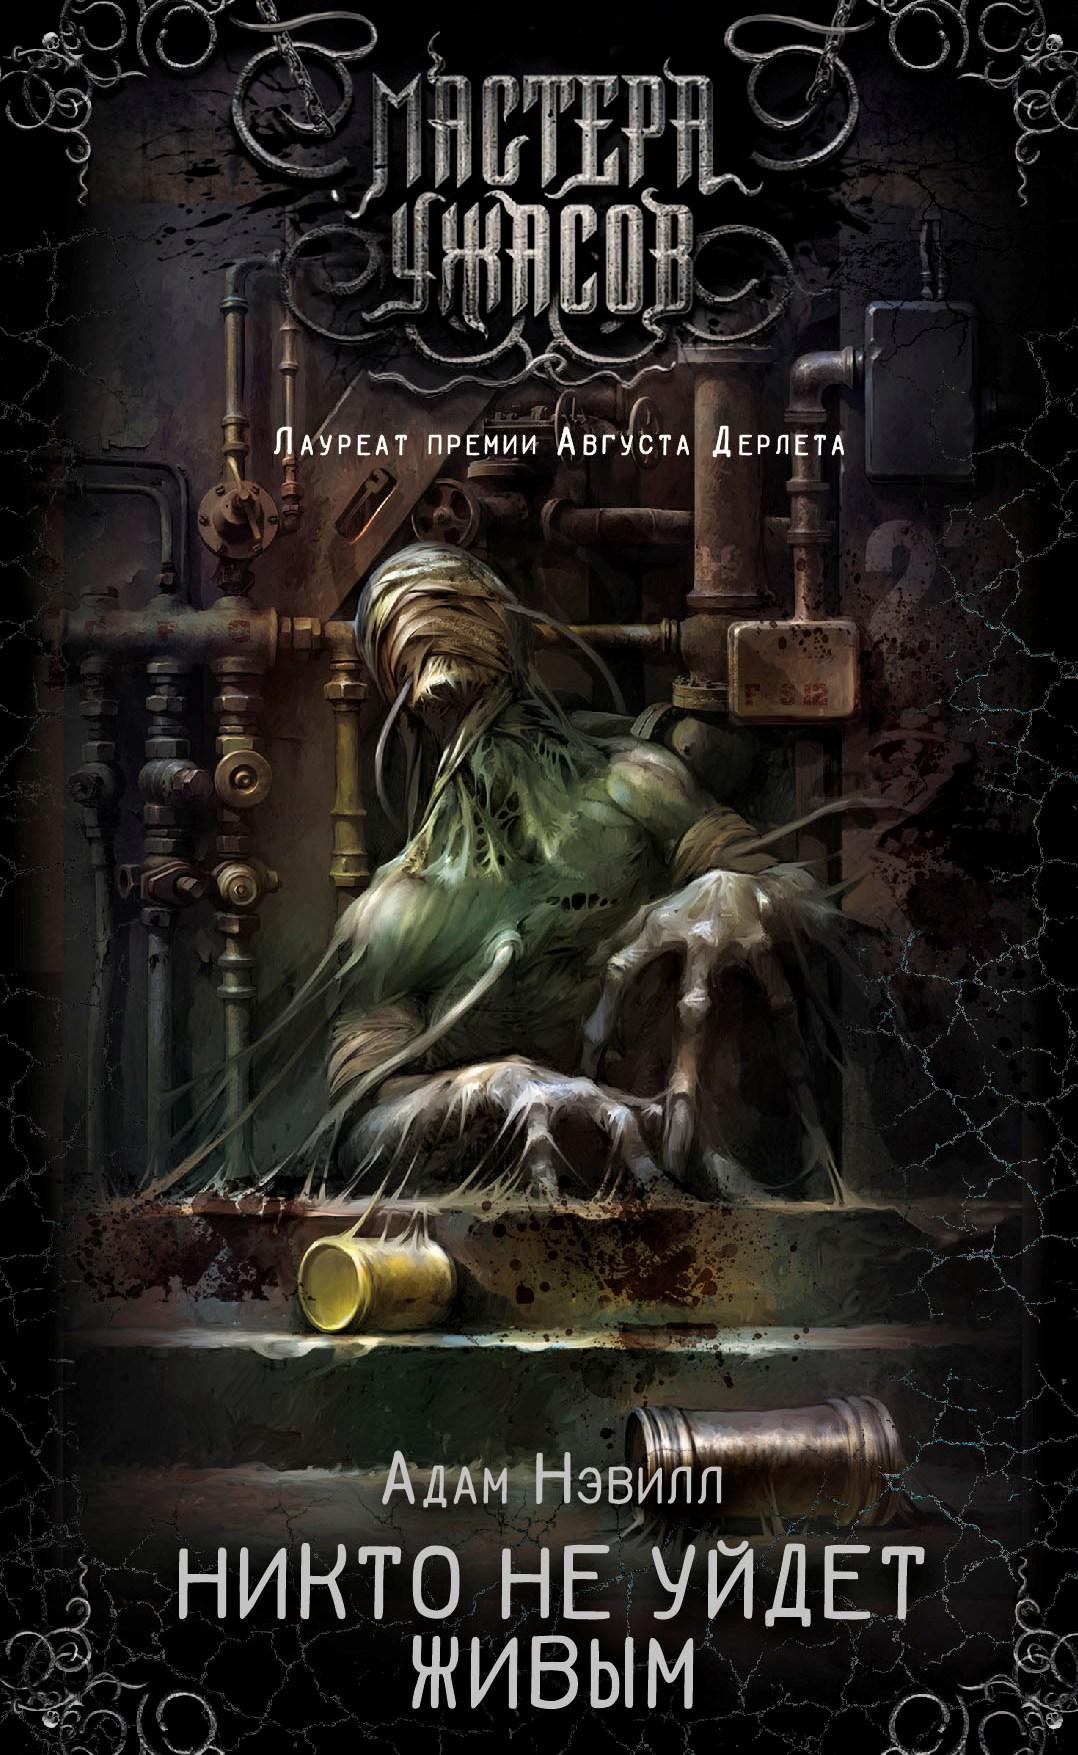 Книжные новинки 2020: ужасы, мистика, странная фантастика и магический реализм 1